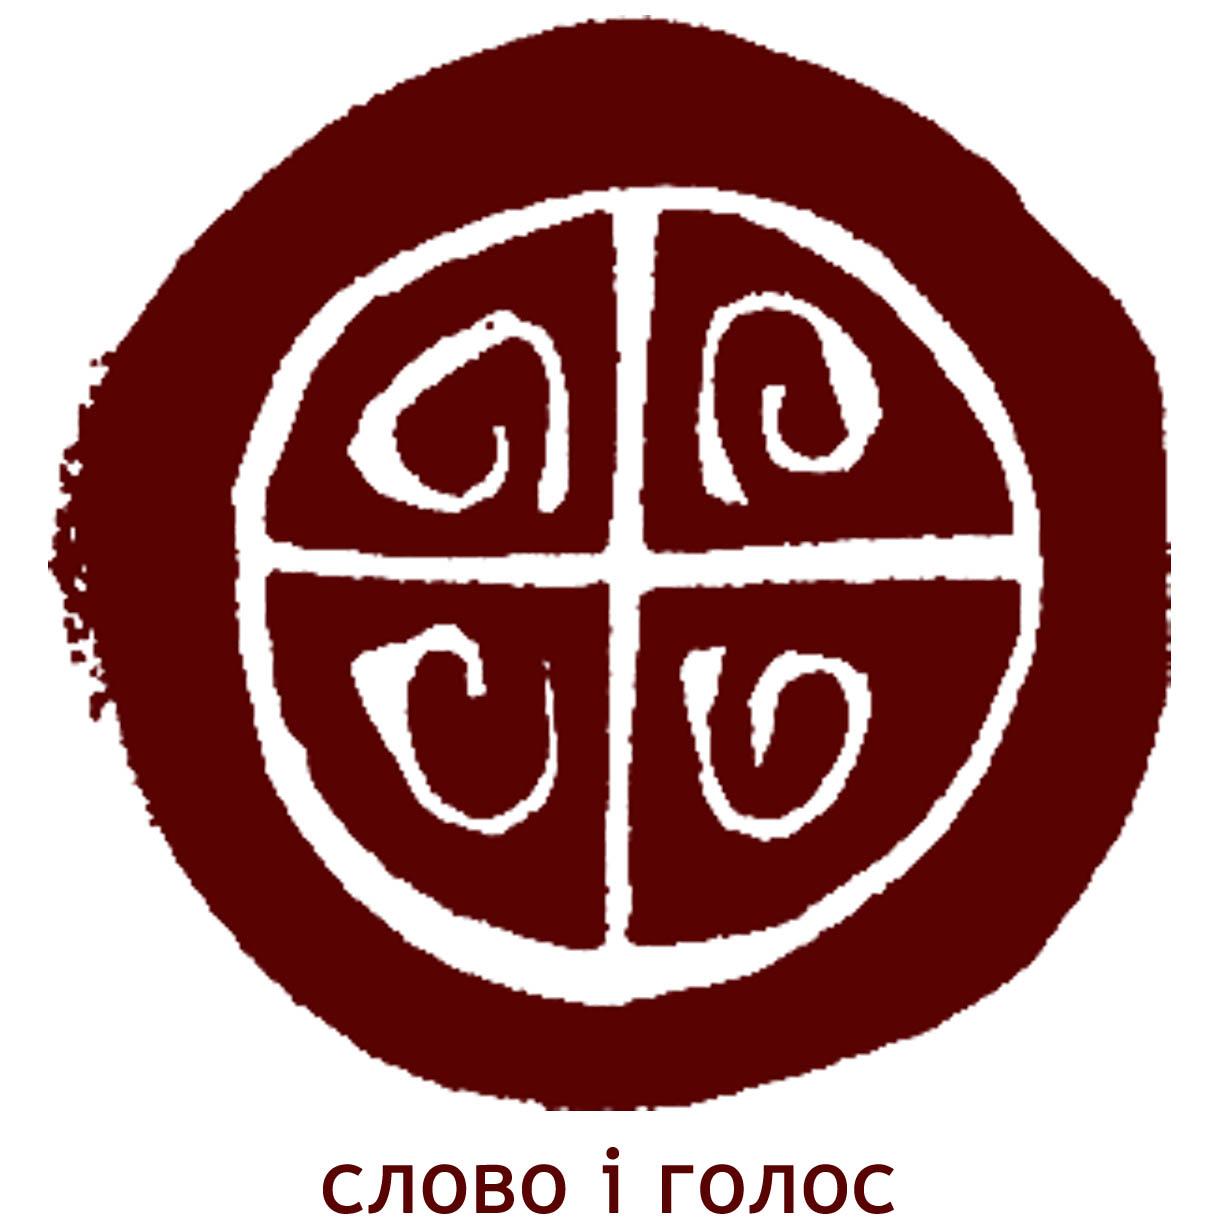 Львівський муніципальний театральний, художньо-дослідницький та освітній центр «Слово і голос»